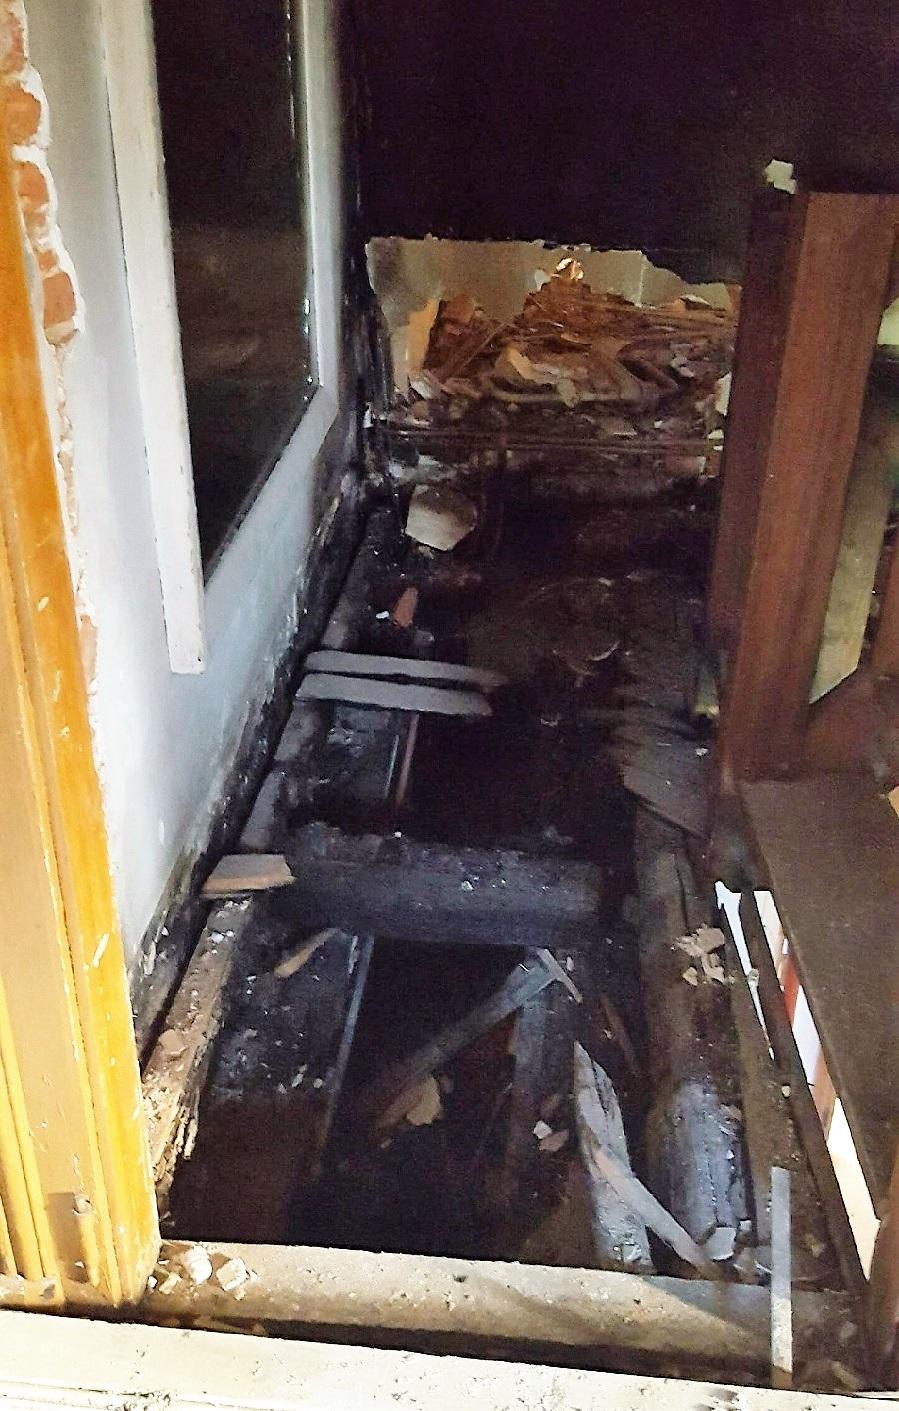 L'intérieur de l'habitation a été dévasté par les flammes